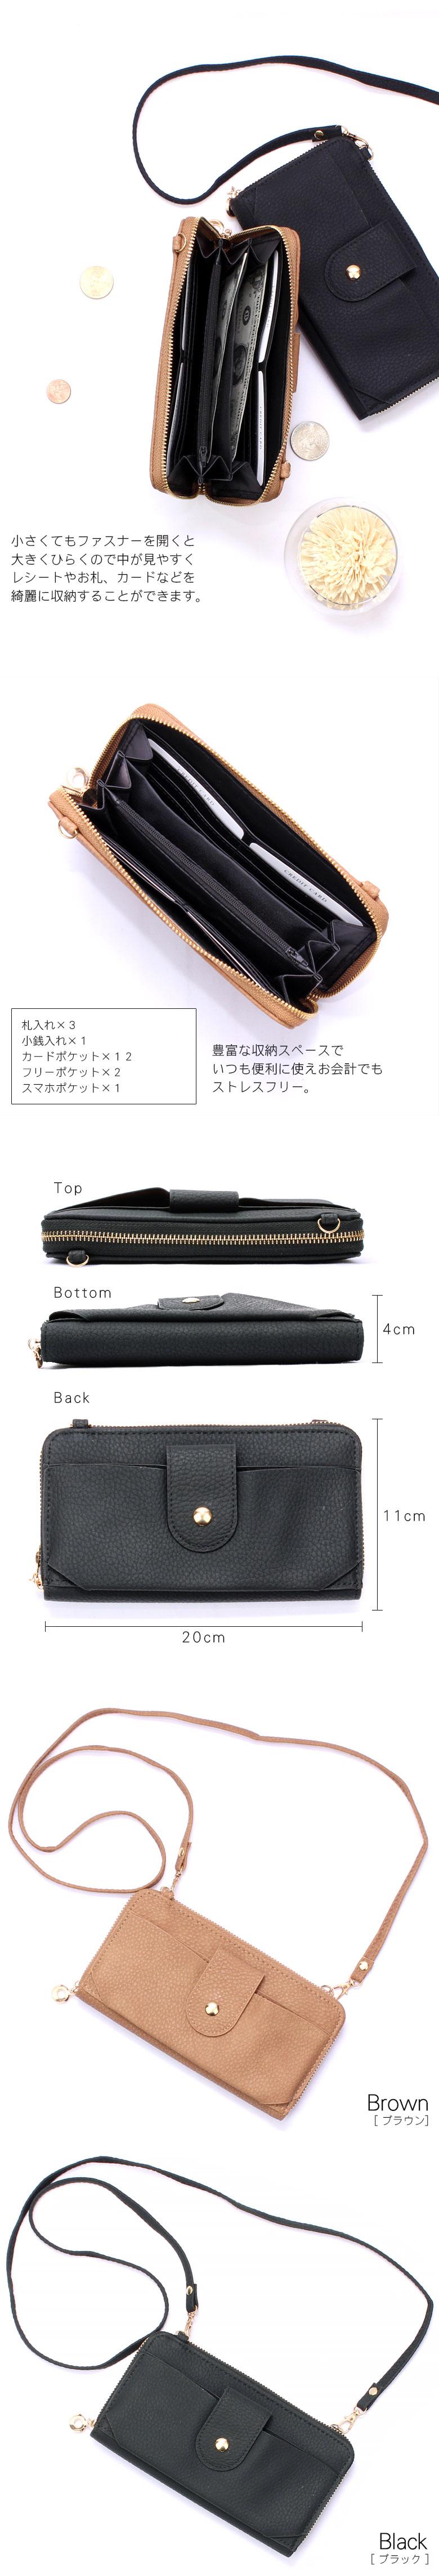 財布 通販 フラワープリントコンパクトウォレット